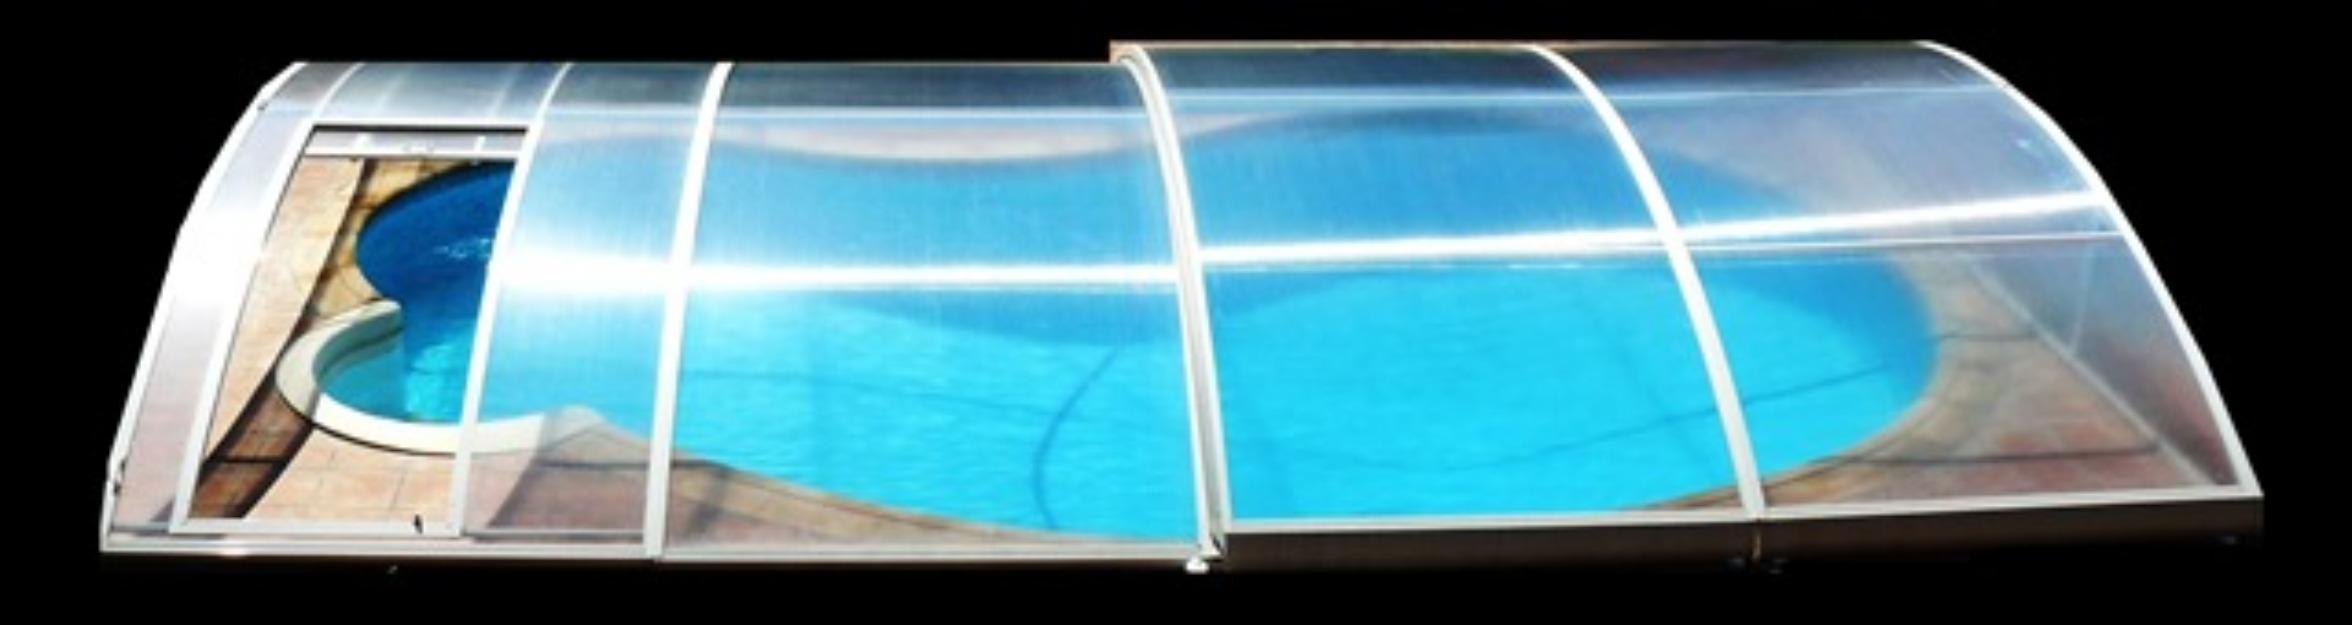 Cubierta piscina policarbonato 8x4 mts mejor precio for Precio piscina gunitada 8x4